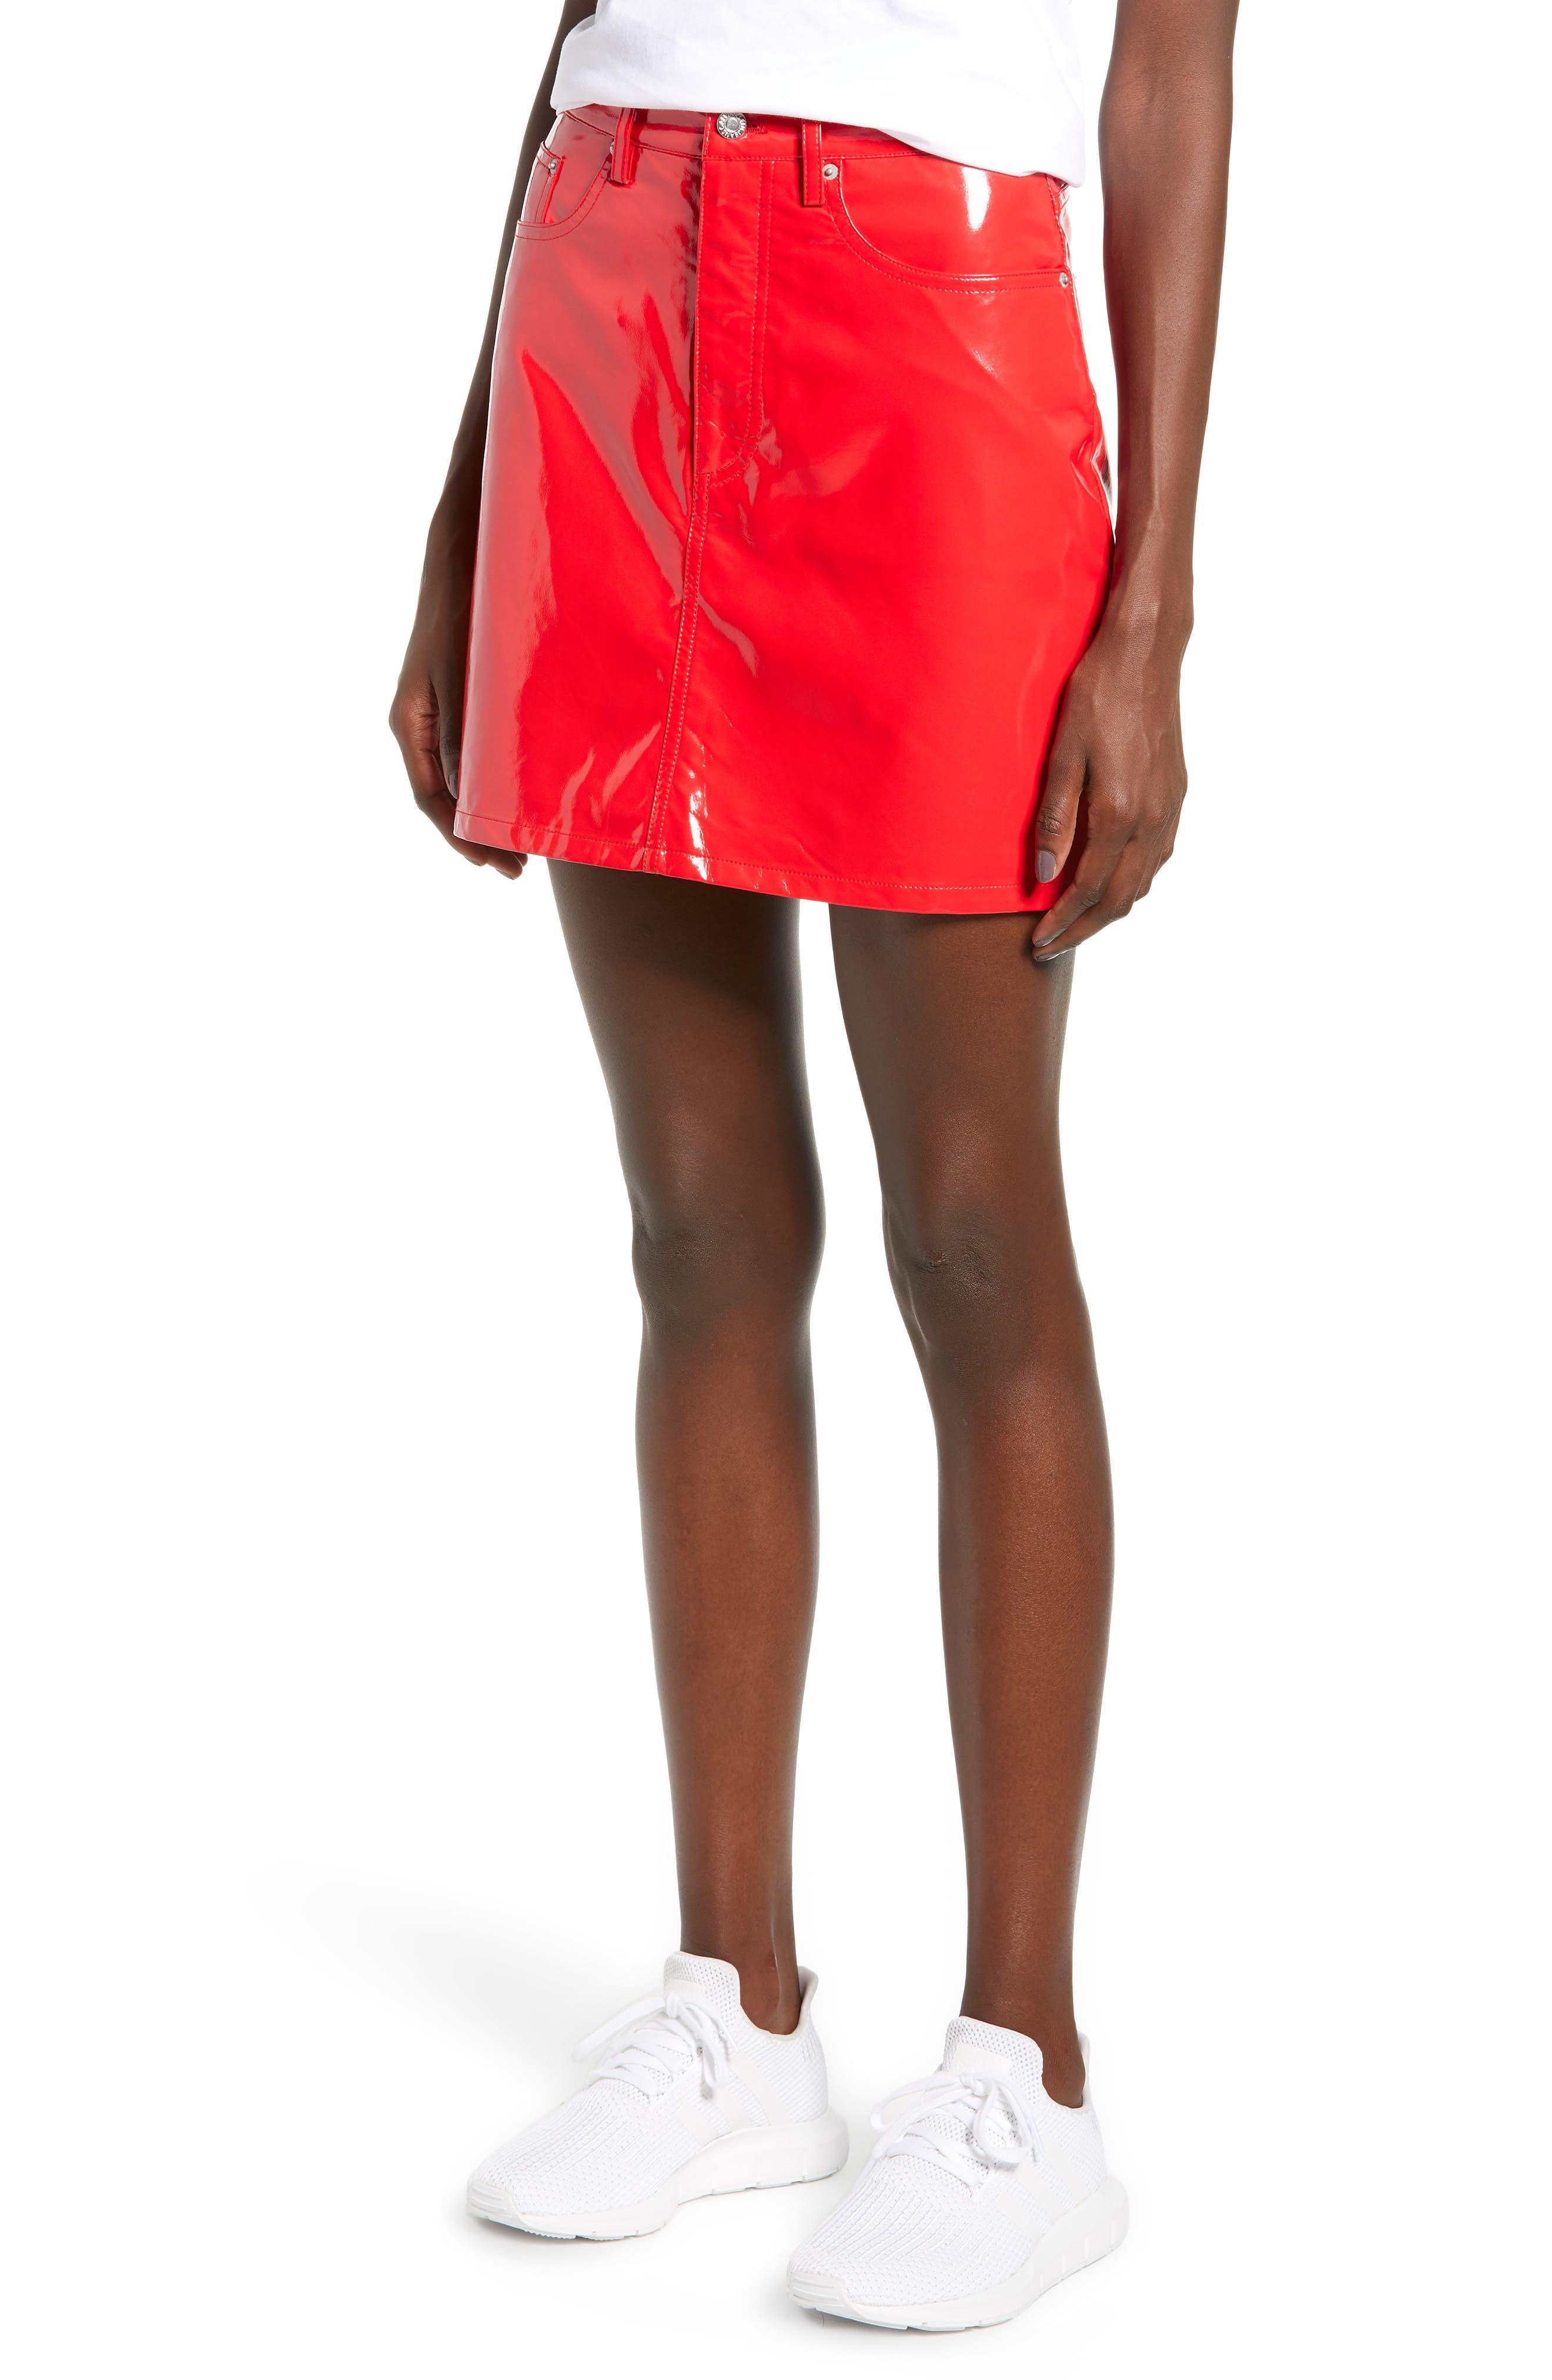 Calvin Klein Jeans Glossy Miniskirt, Red